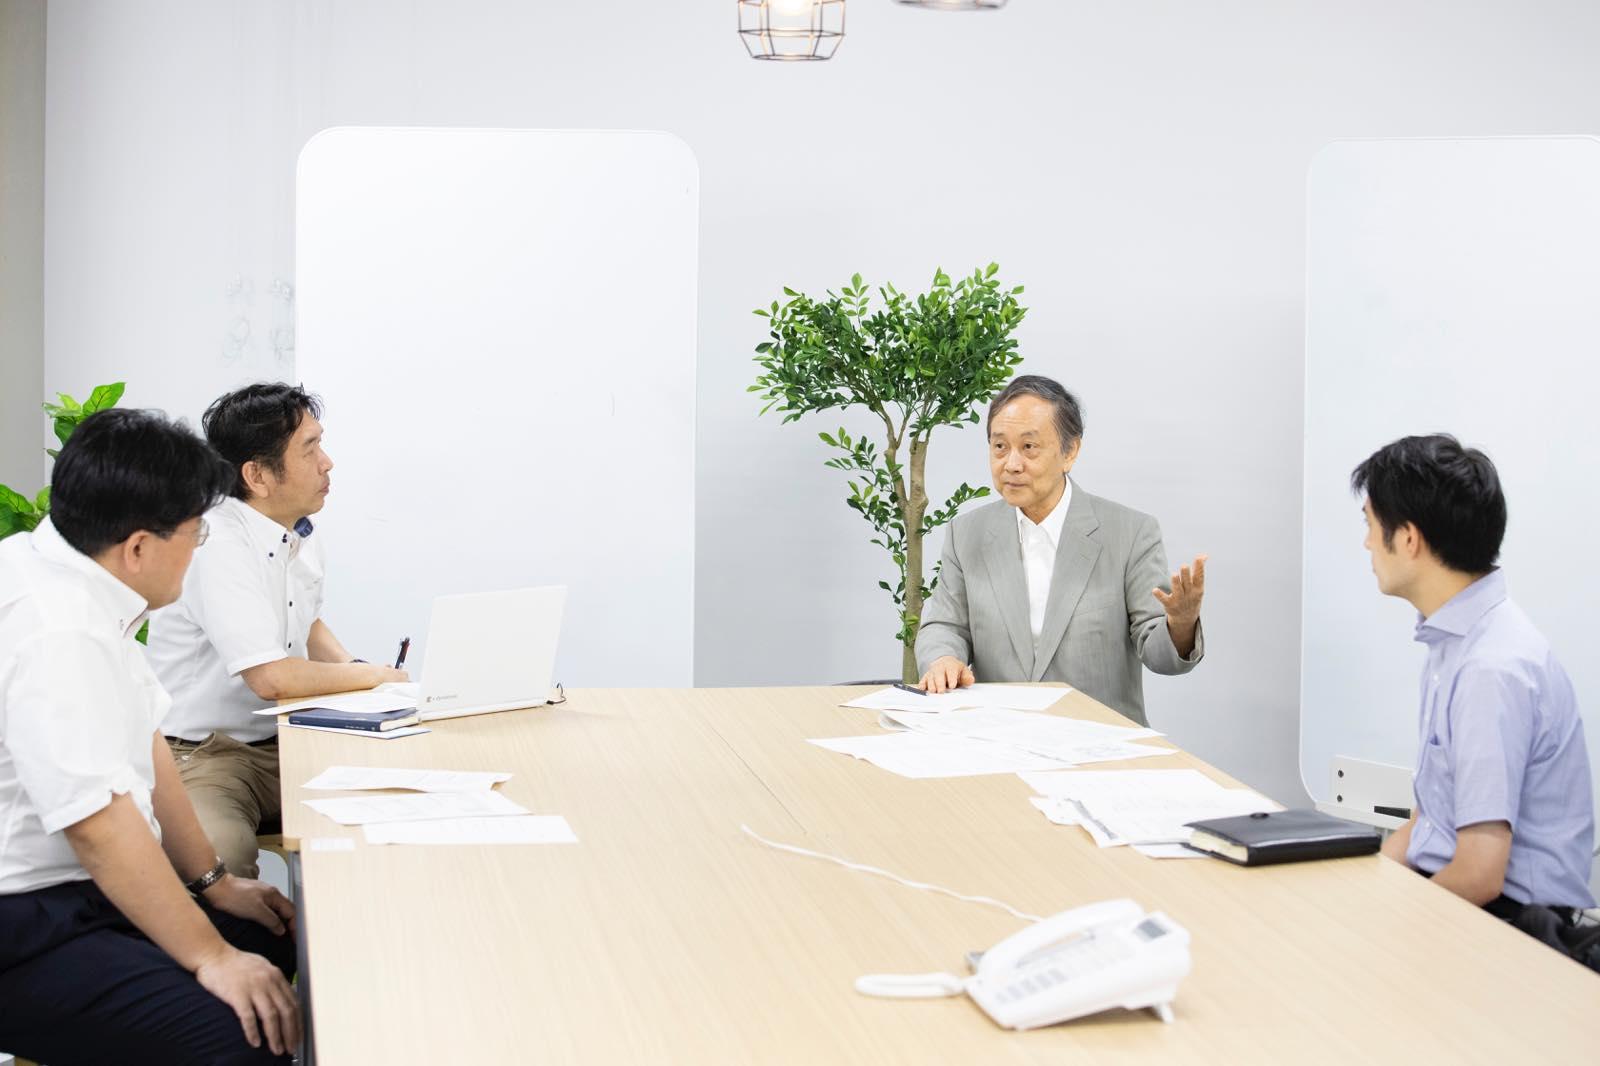 市川宏雄 名誉教授